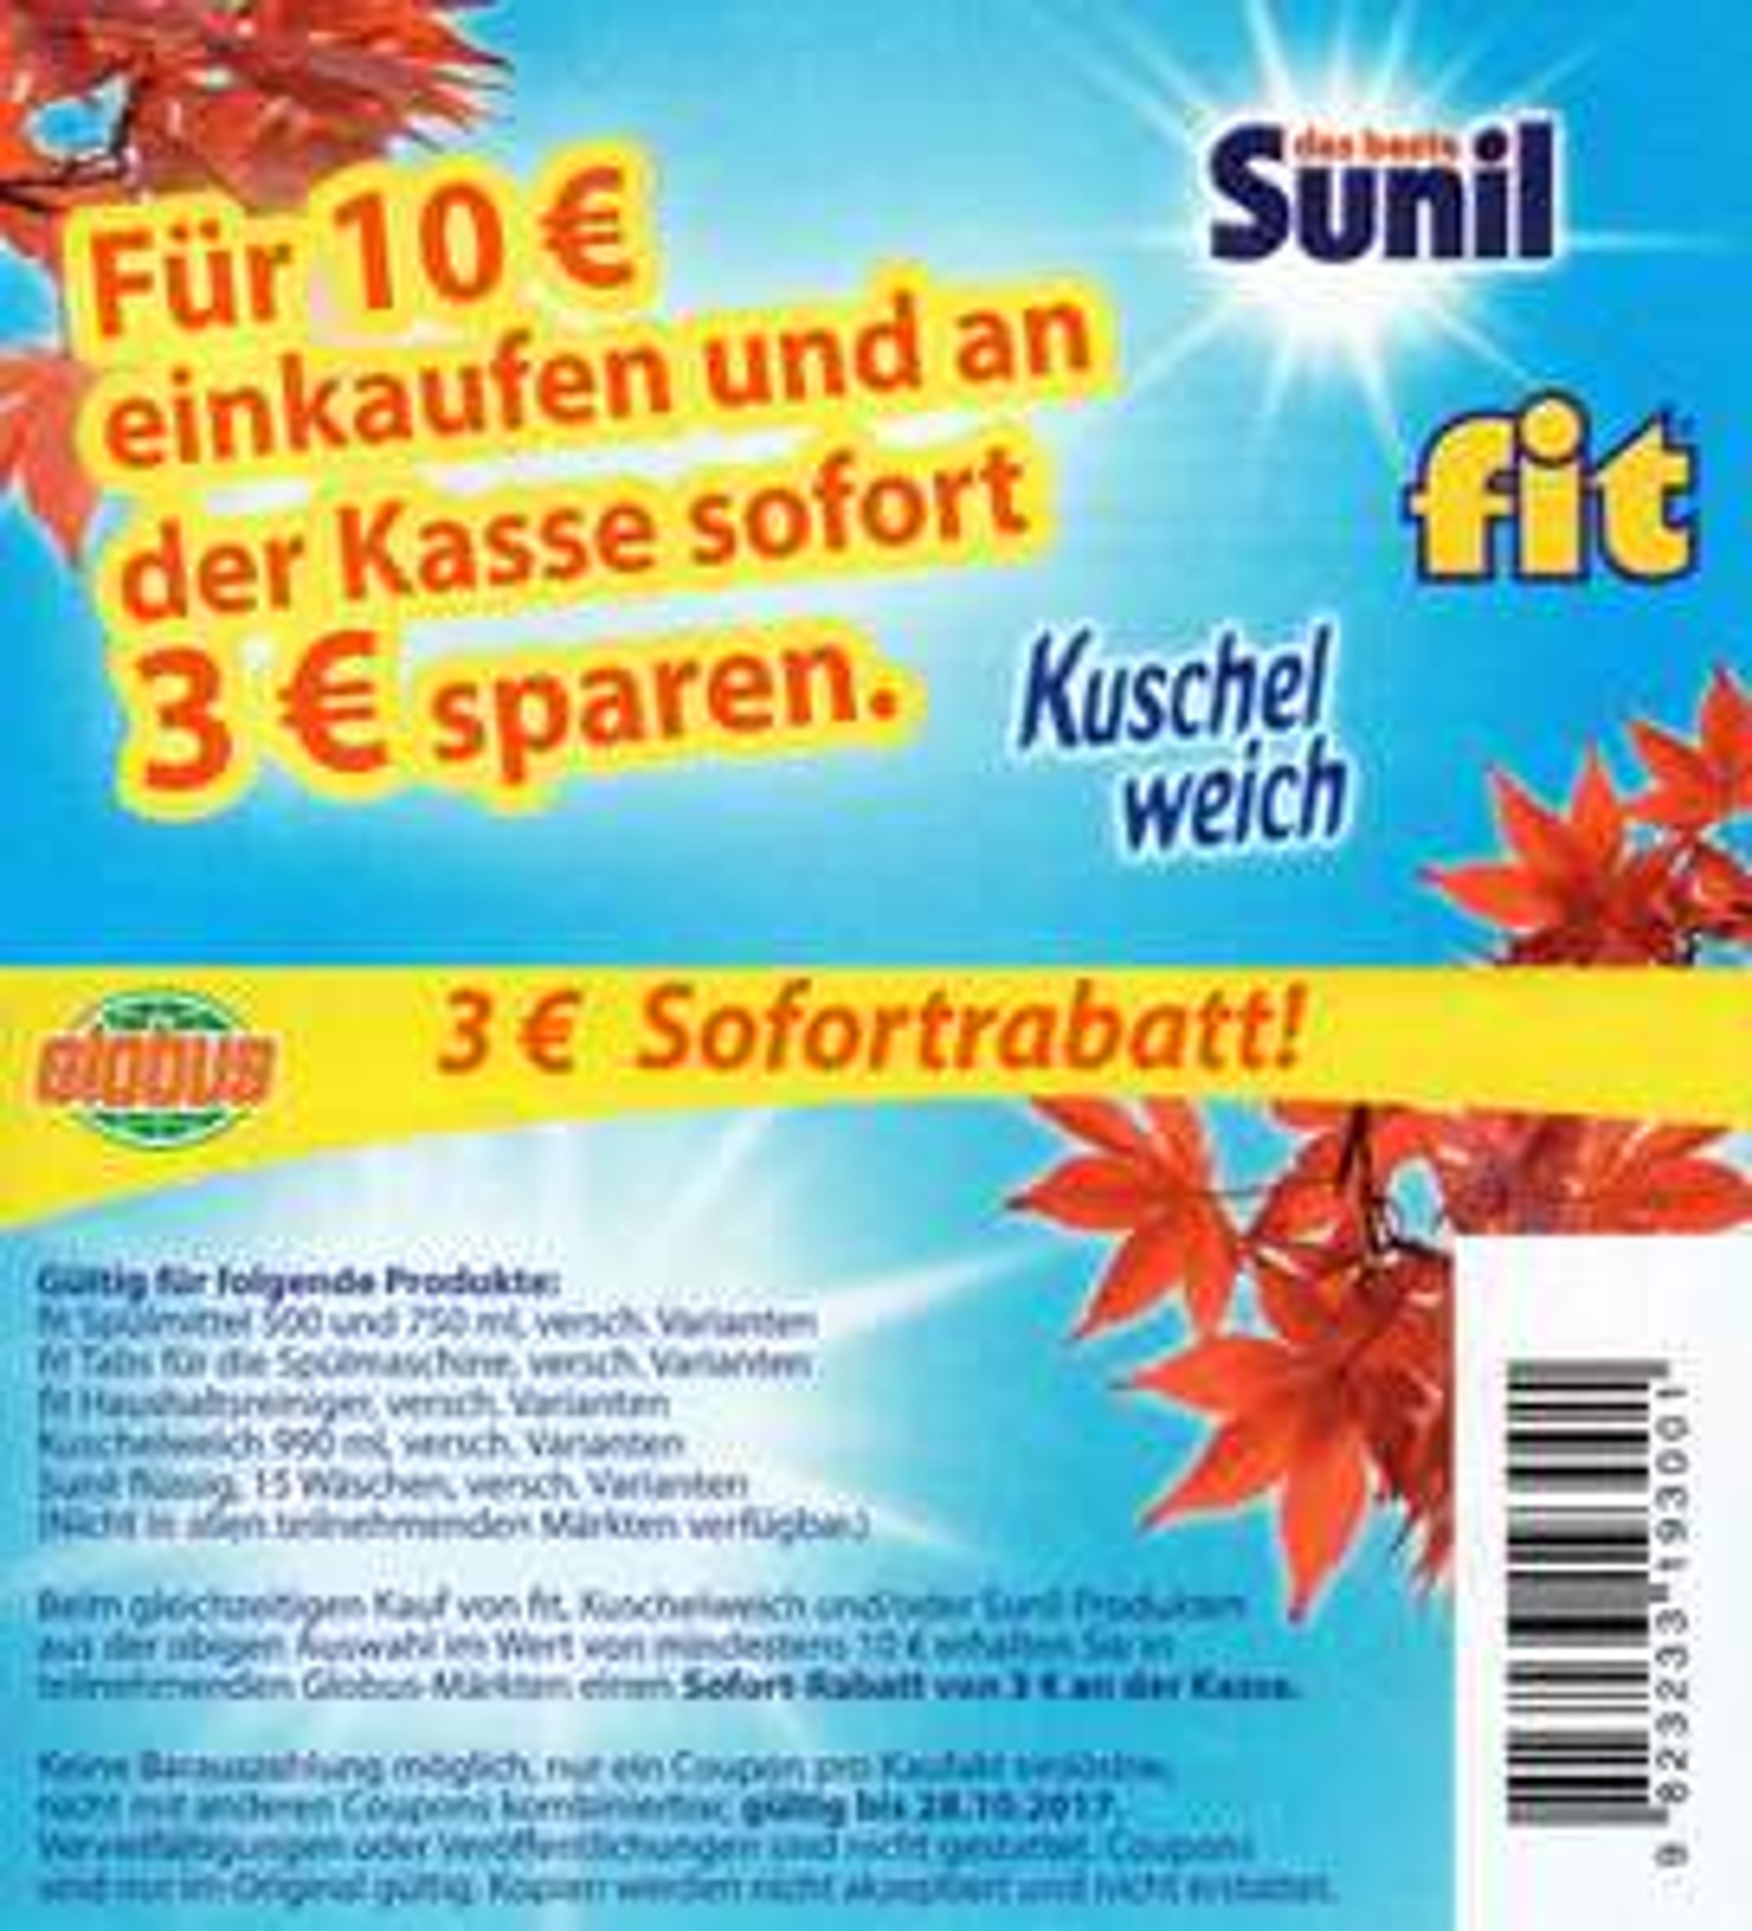 [GLOBUS] -3,00€ Regal-Coupon für Sunil, Fit und Kuschelweich Produkte ab 10,00€